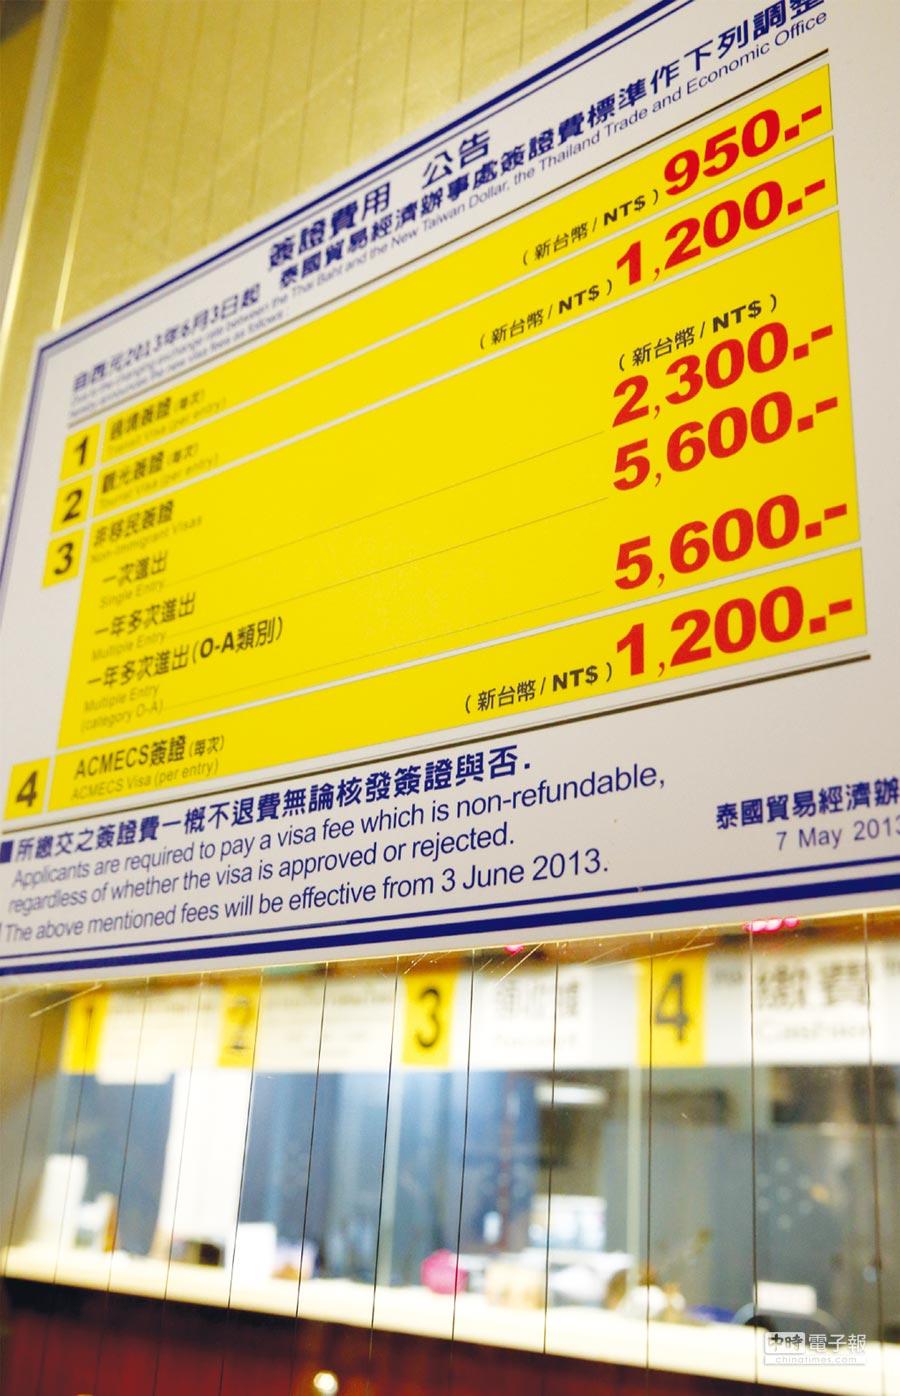 面對反彈,泰國駐台北貿易經濟辦事處昨(29)日態度急轉彎,發布公告表示現行申請觀光簽證方式不變。圖為泰國簽證辦理處。圖/王英豪